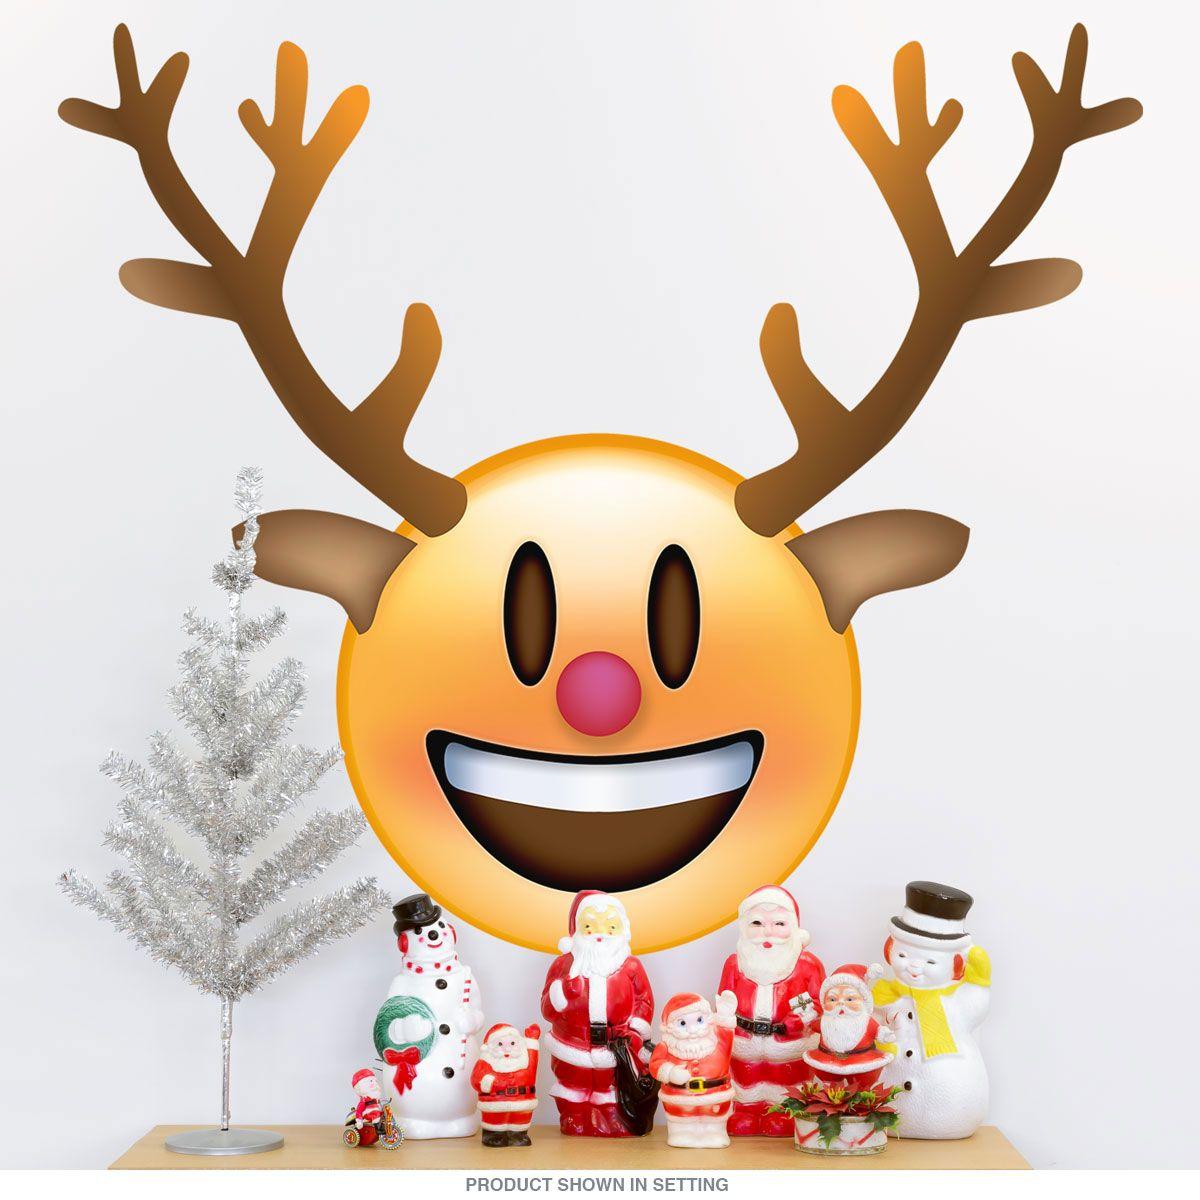 Emoji reindeer smiling face wall decal emoji wall decals emoji reindeer smiling face wall decal buycottarizona Images